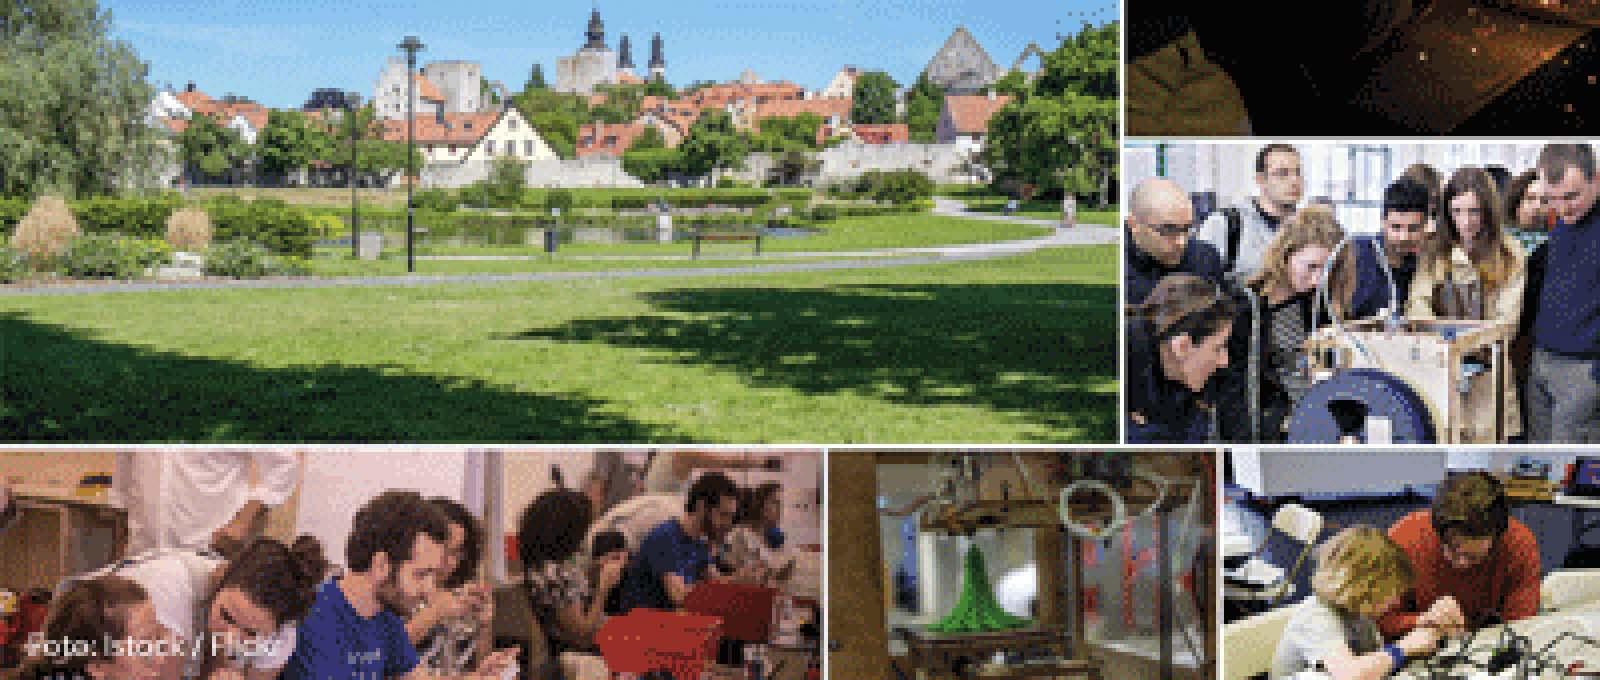 Nytt nätverk arrangerar makerspace i Almedalen